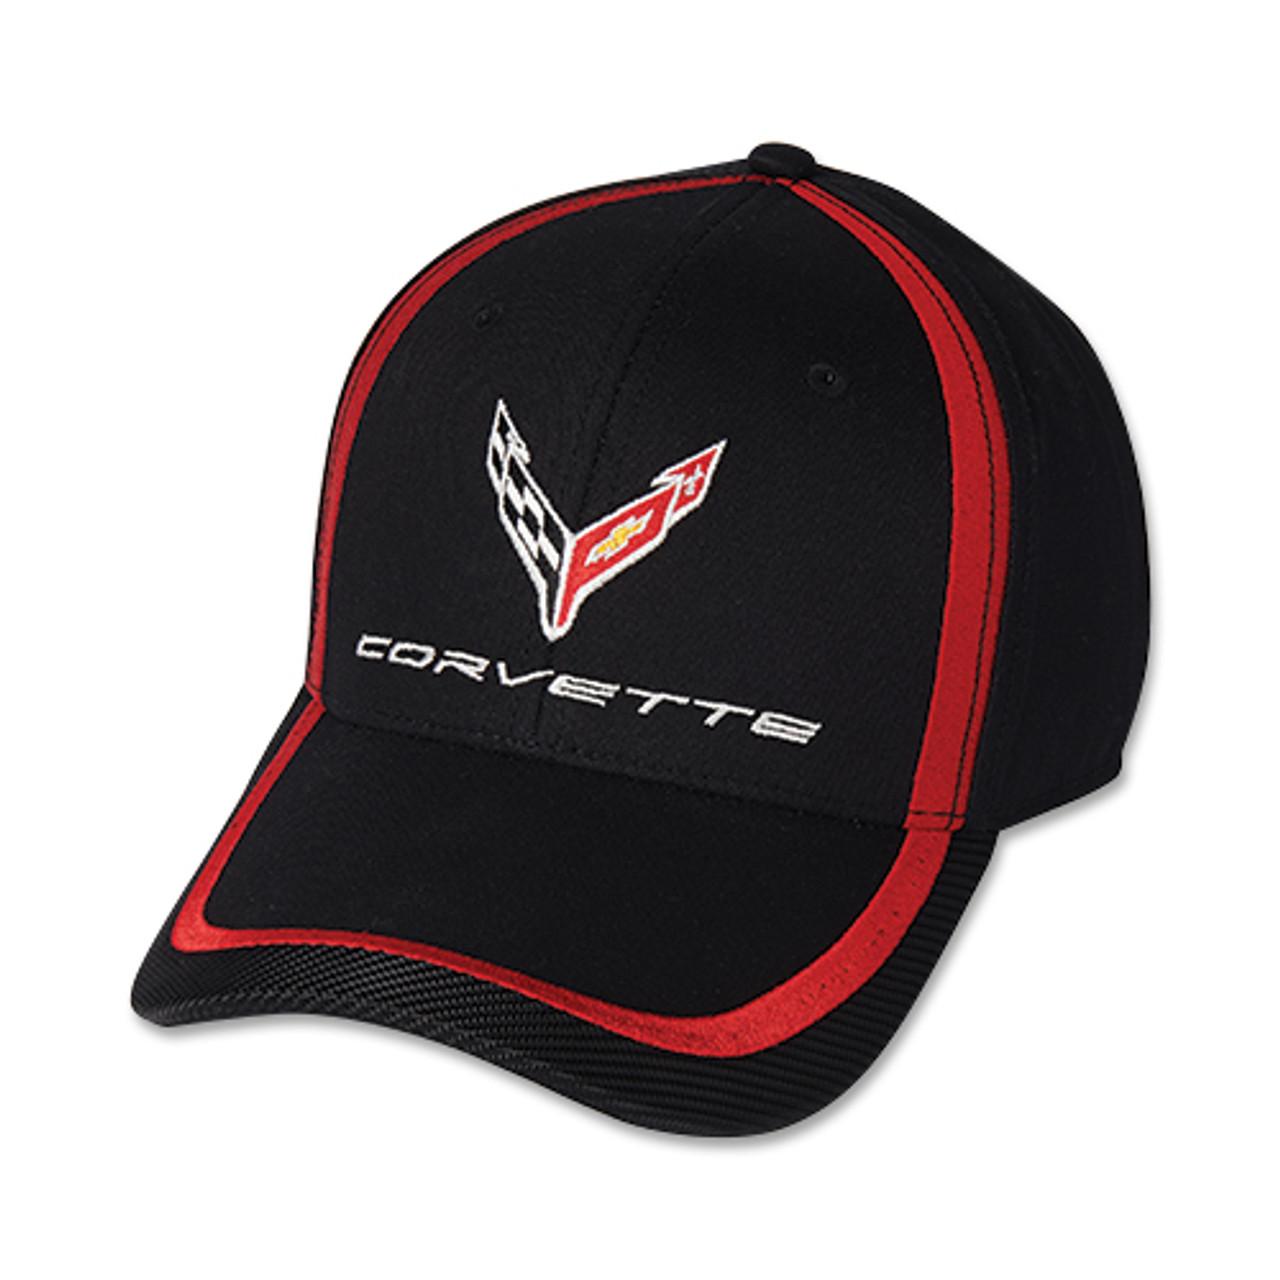 NEXT GENERATION C8 CORVETTE RED STRIPE ACCENT CAP